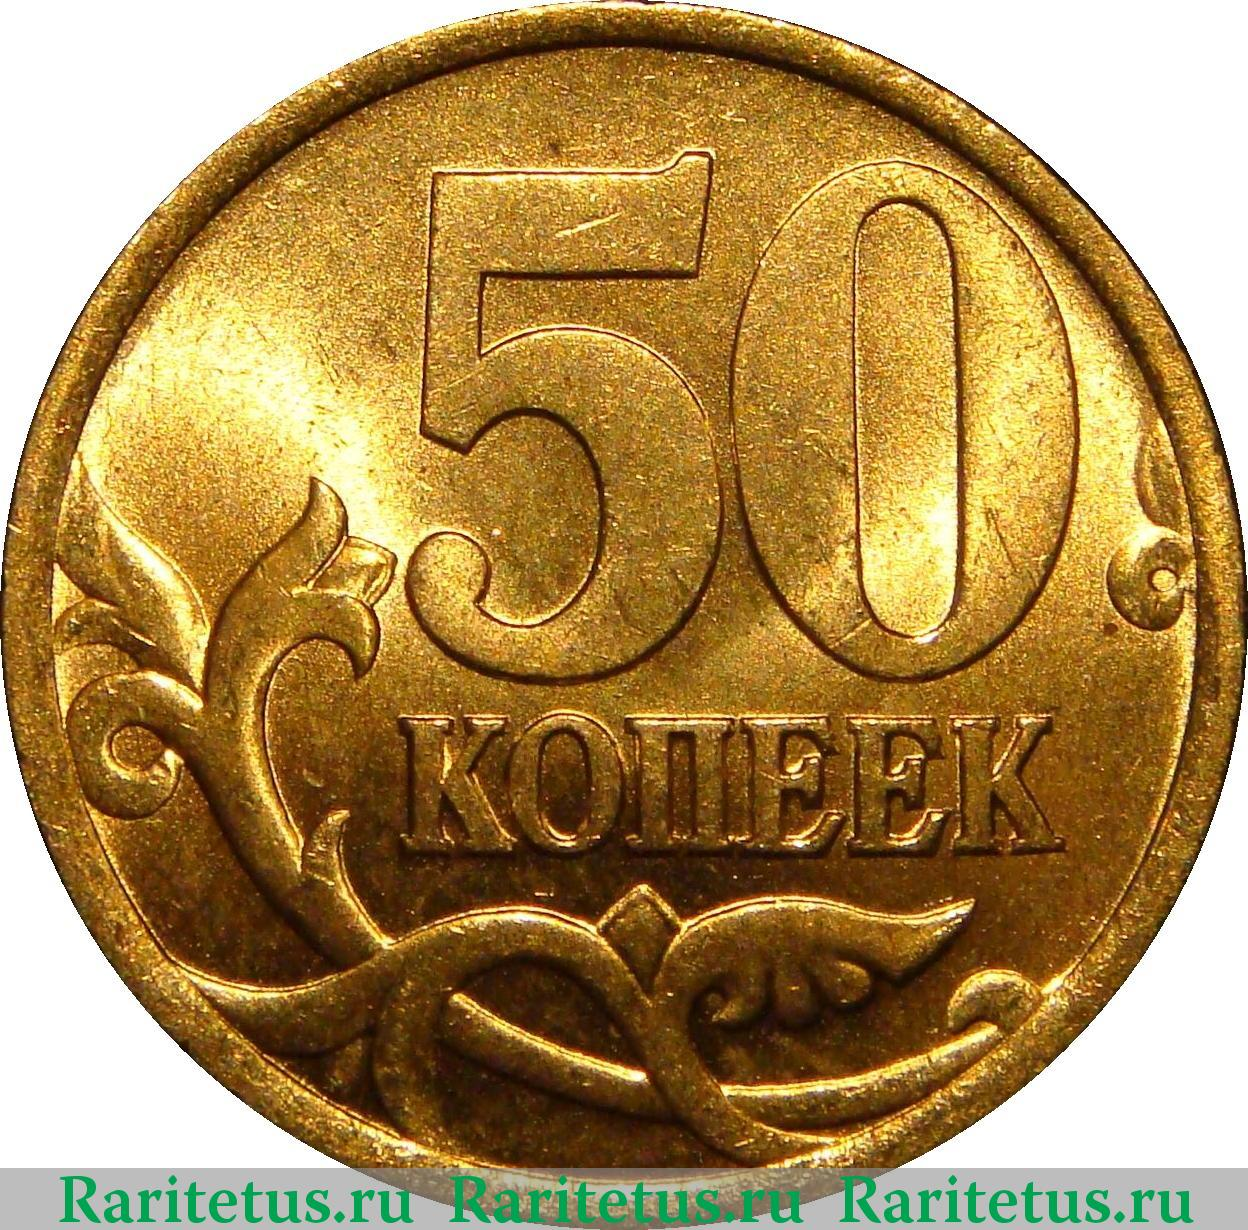 Монета 50 копеек 2003 года сп 20 копеек 1939 года стоимость